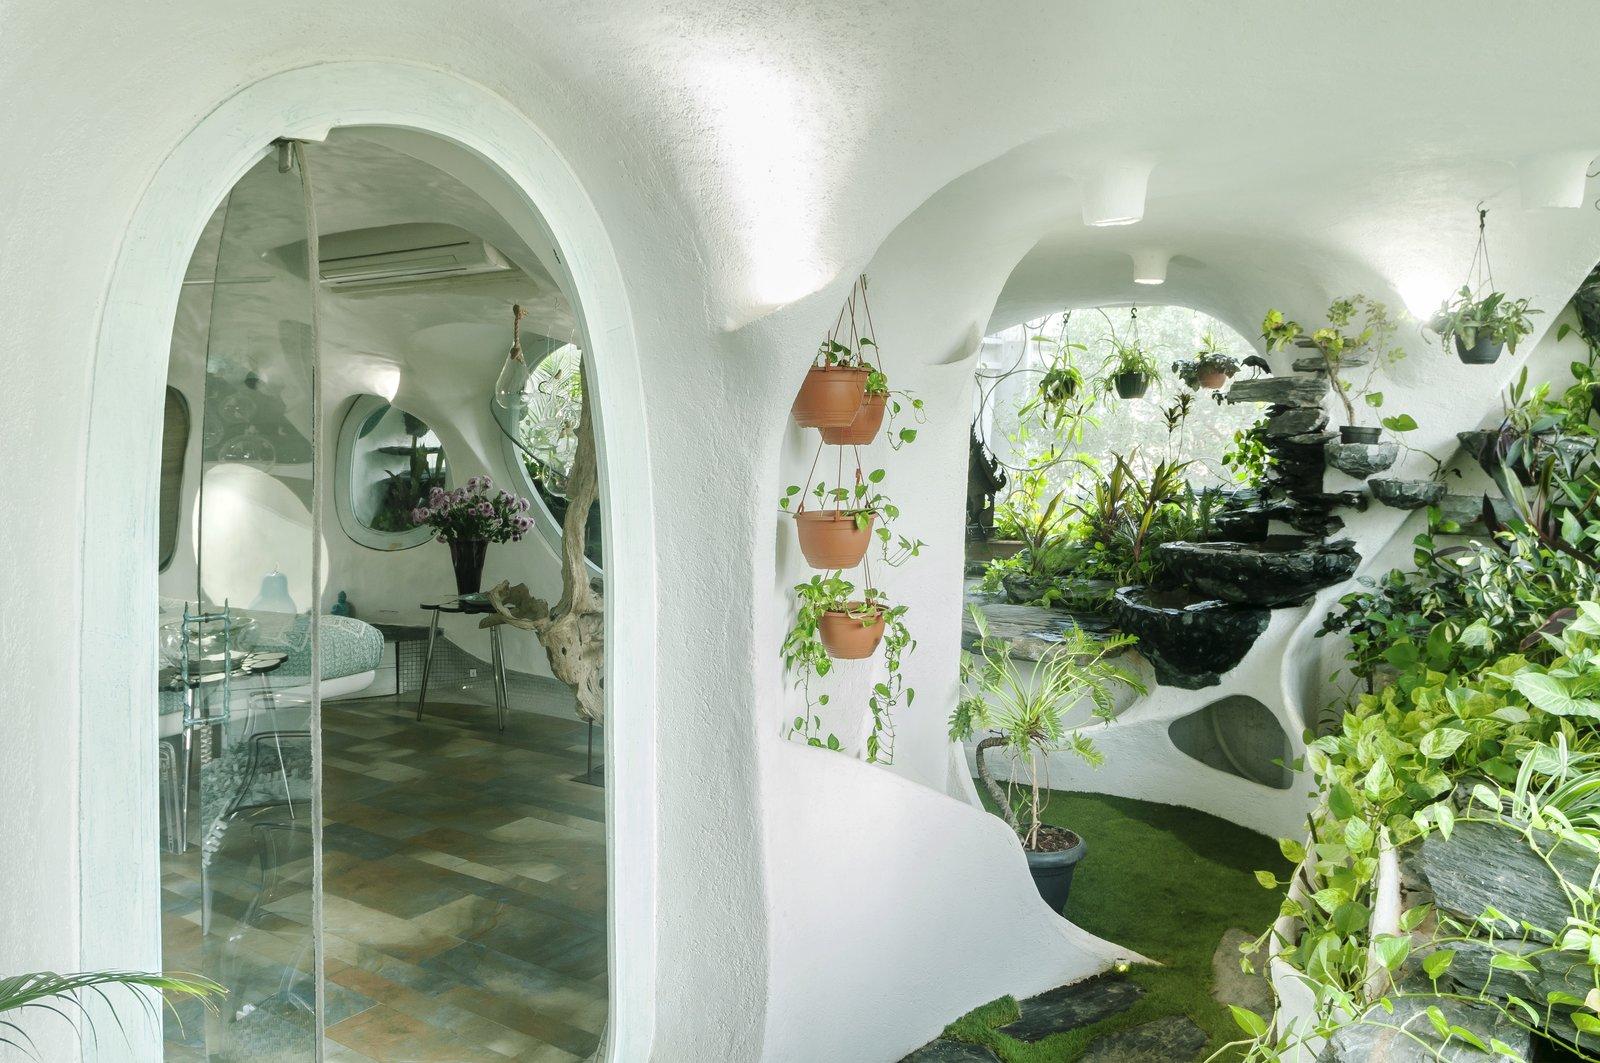 The White Room dengan kesan asri yang ditampilkannya (Sumber: dwell.com)